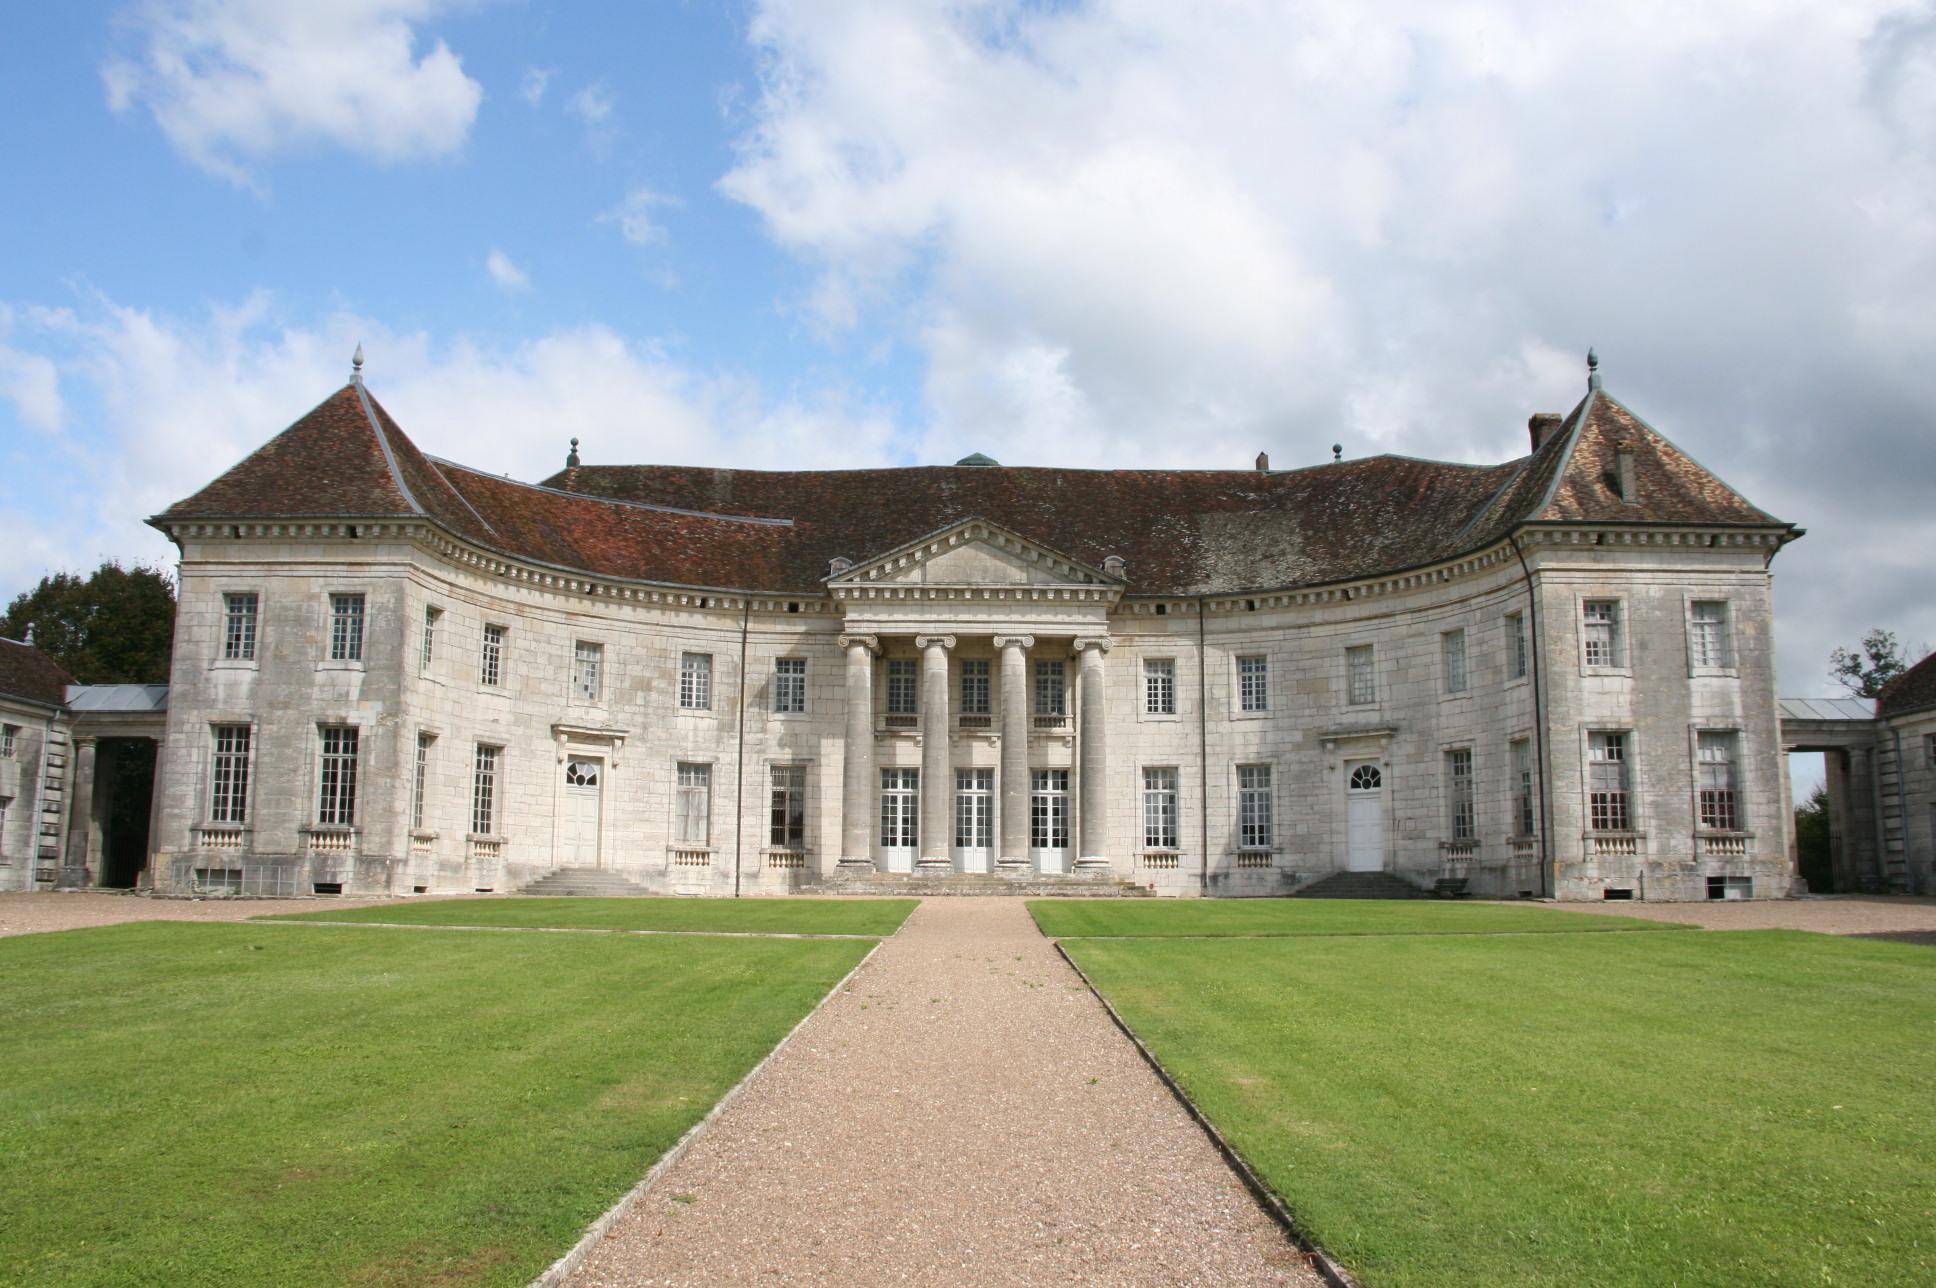 L'entrée du château vue de face